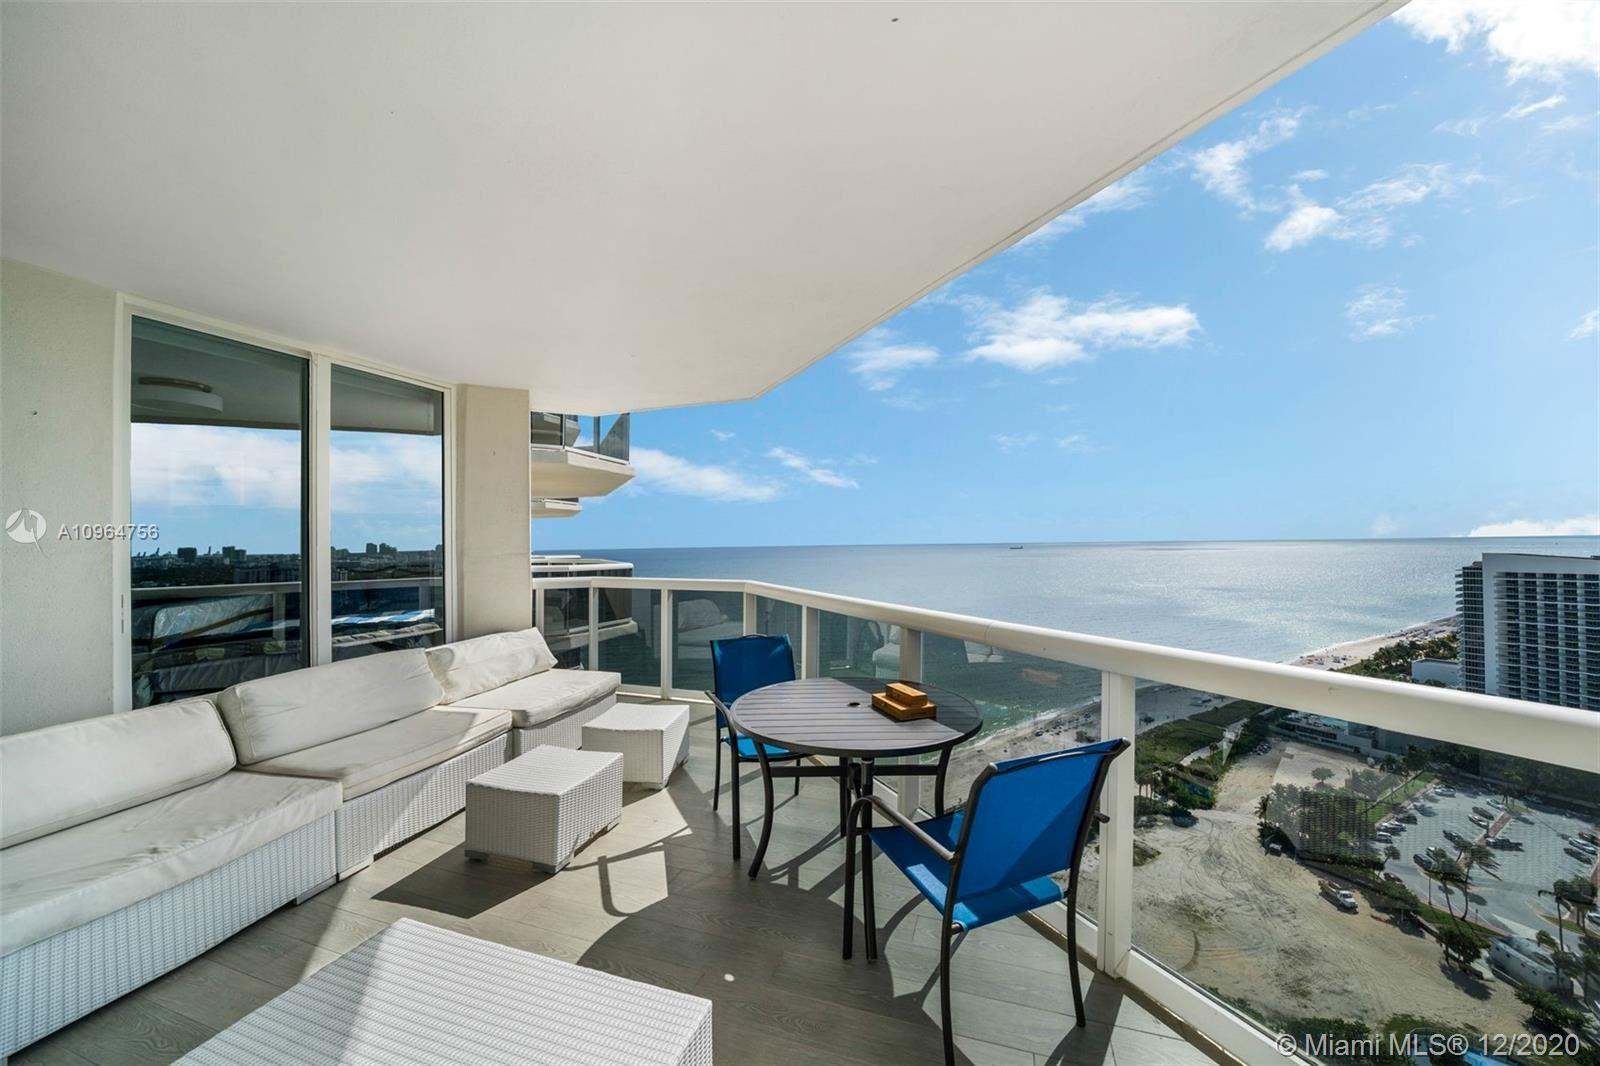 4775 Collins Ave #2804, Miami Beach, FL 33140 - #: A10964756